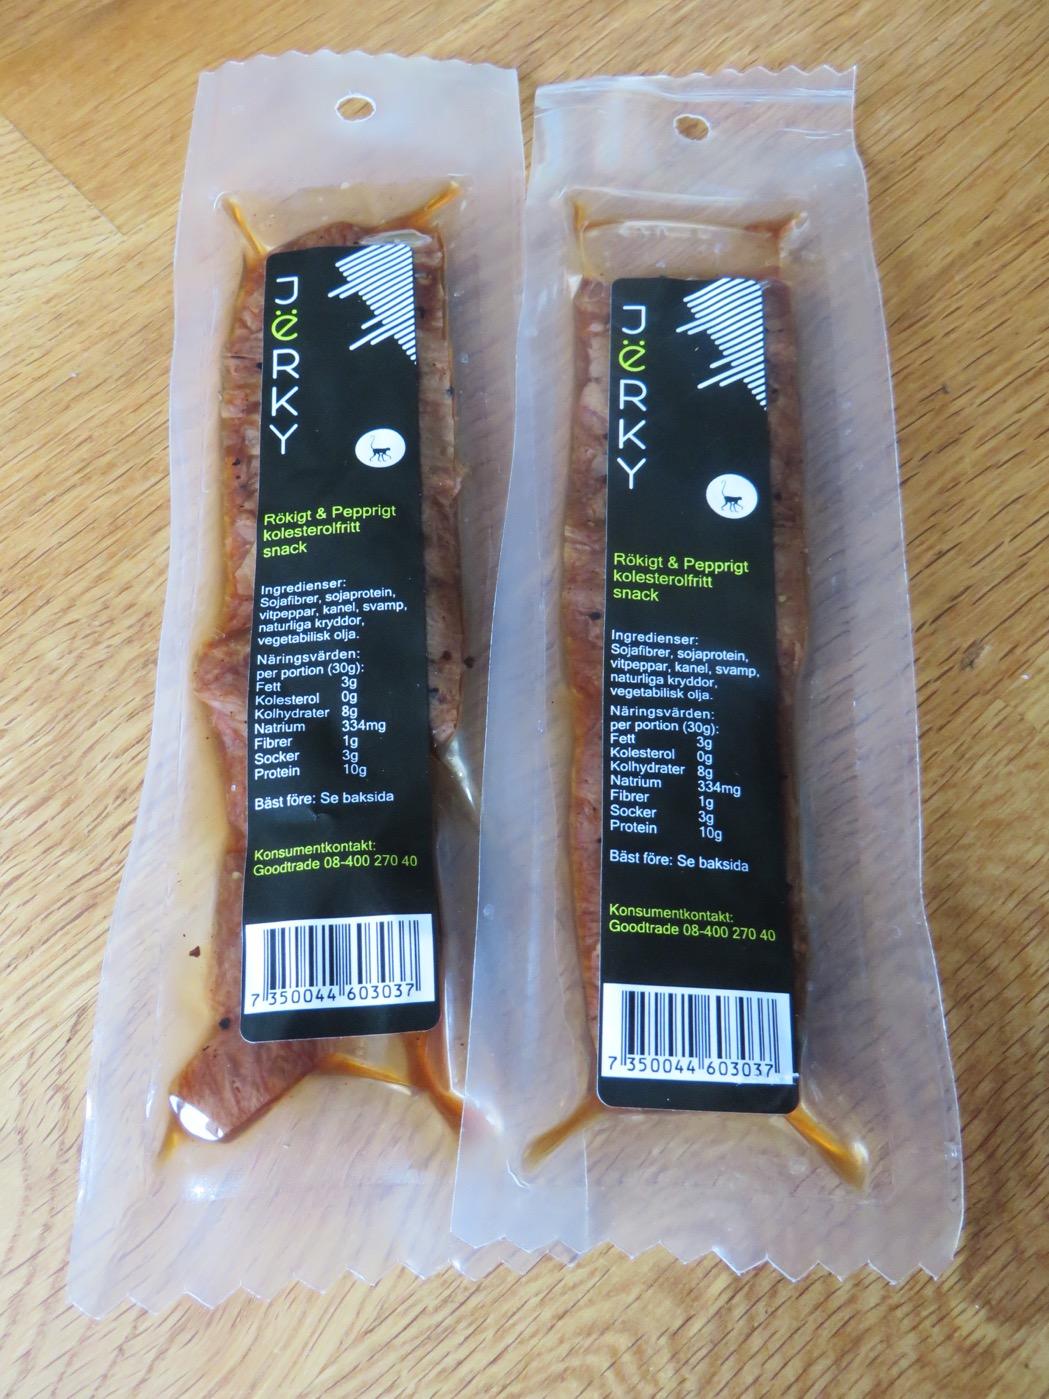 Underbart gott snacks - Jërky